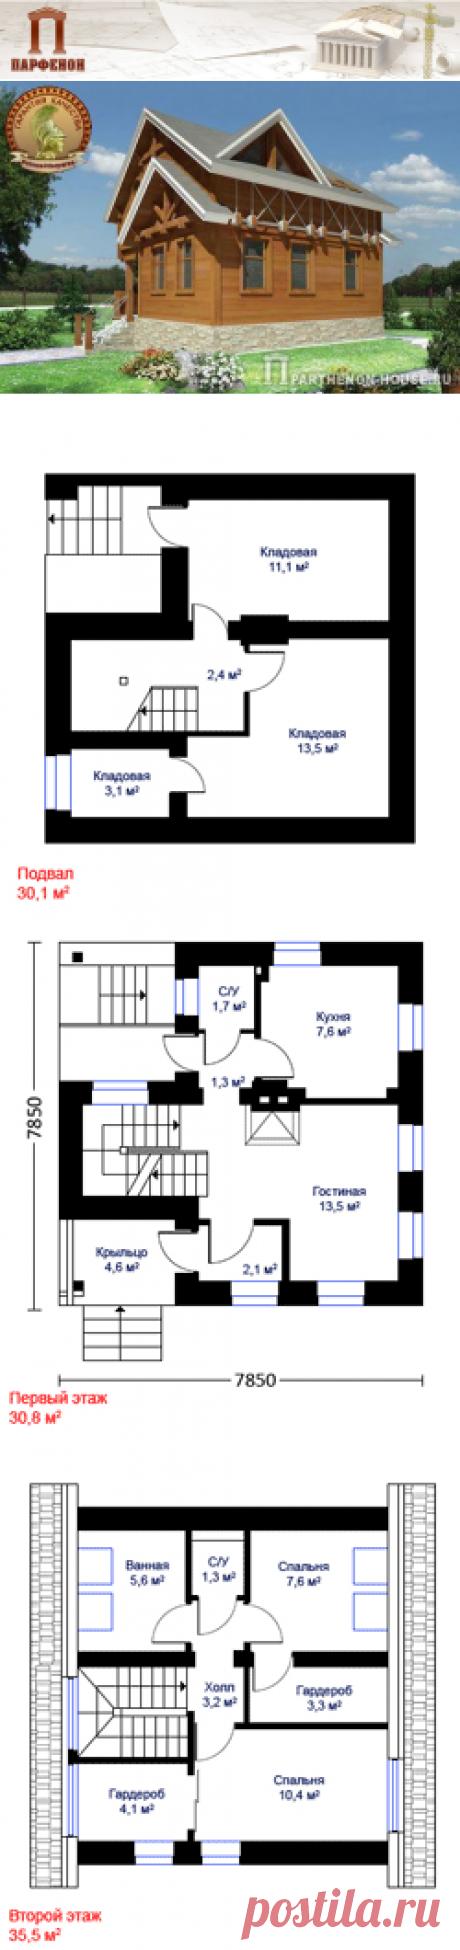 Проект компактного небольшого дома из газобетонных блоков с подвалом ЯП 94-6  Площадь застройки: 57,2 кв.м. Площадь общая: 94,6 кв.м. Площадь жилая: 34,0 кв.м.   Технология и конструкция: газобетонные блоки. Фундаменты: ленточный ж/б монолитный. Наружные стены: газобетонные блоки + утеплитель + фальшбрус. Перекрытие: железобетонные, монолитные. Крыша: деревянная стропильная.. Кровля: битумная черепица. Фасад: фальшбрус.